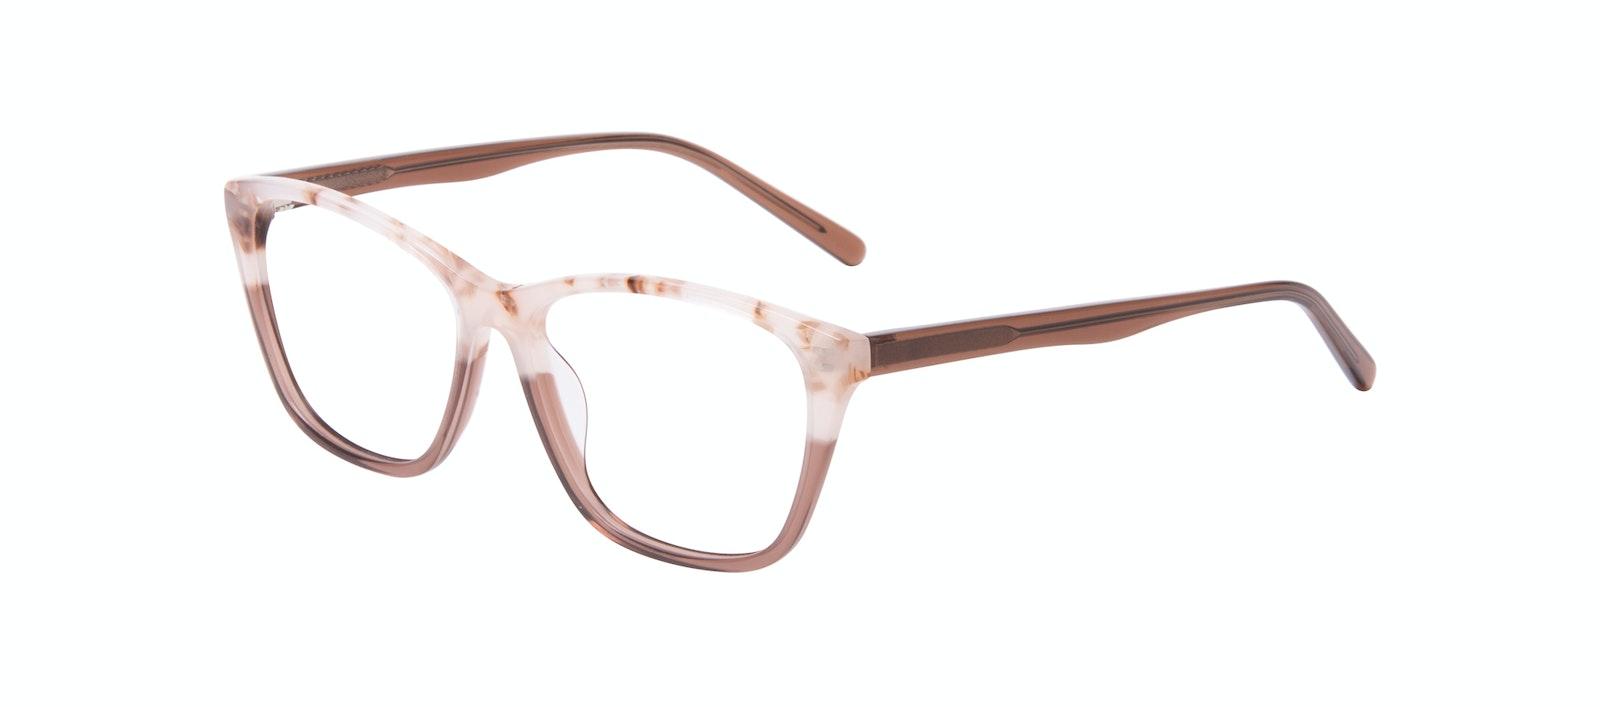 Lunettes tendance Oeil de chat Rectangle Lunettes de vue Femmes Myrtle Frosted Sand Incliné